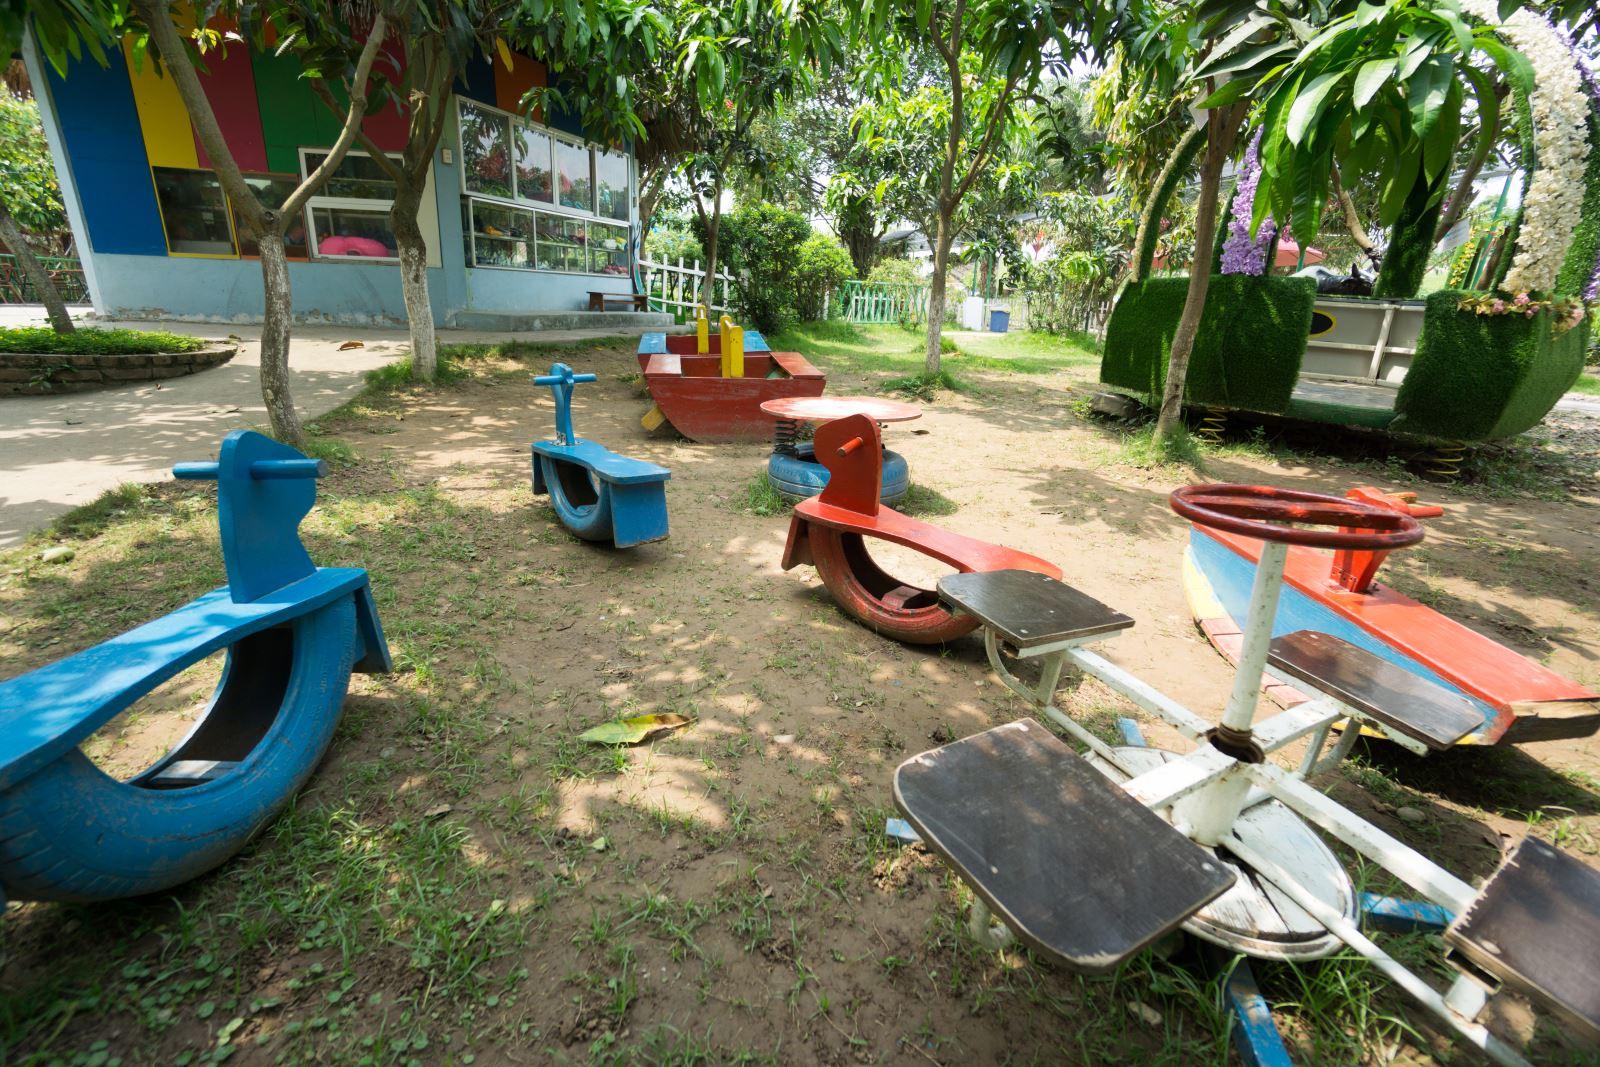 Cơ sở vật chất trường mầm non Eraschool cơ sở Long Biên, quận Long Biên, Hà Nội (Ảnh: website trường)